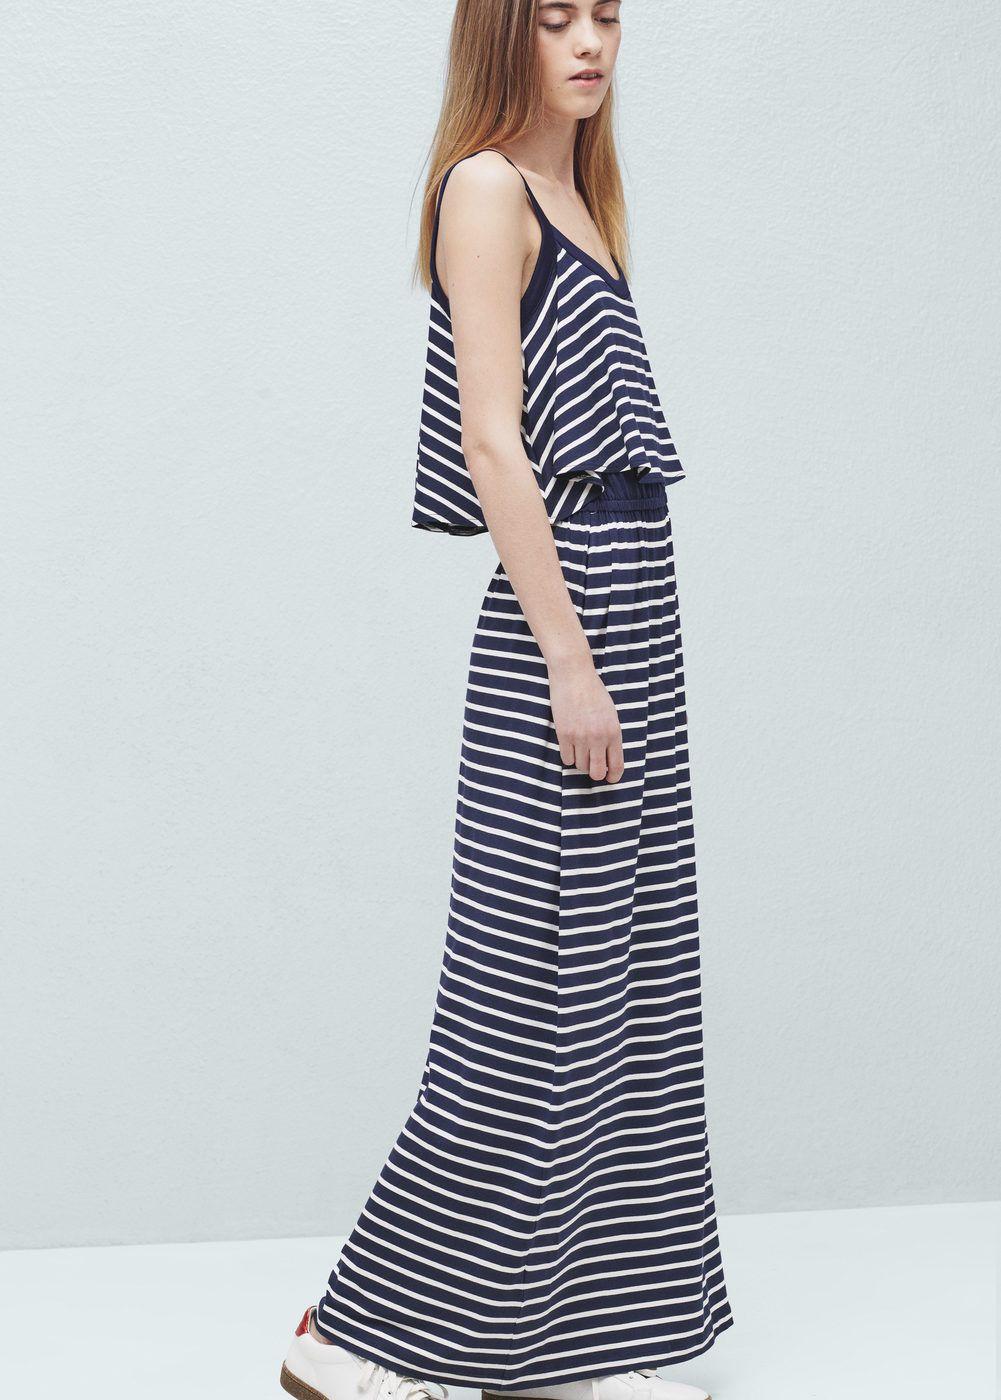 961745ea82 Vestido largo rayas - Vestidos de Mujer